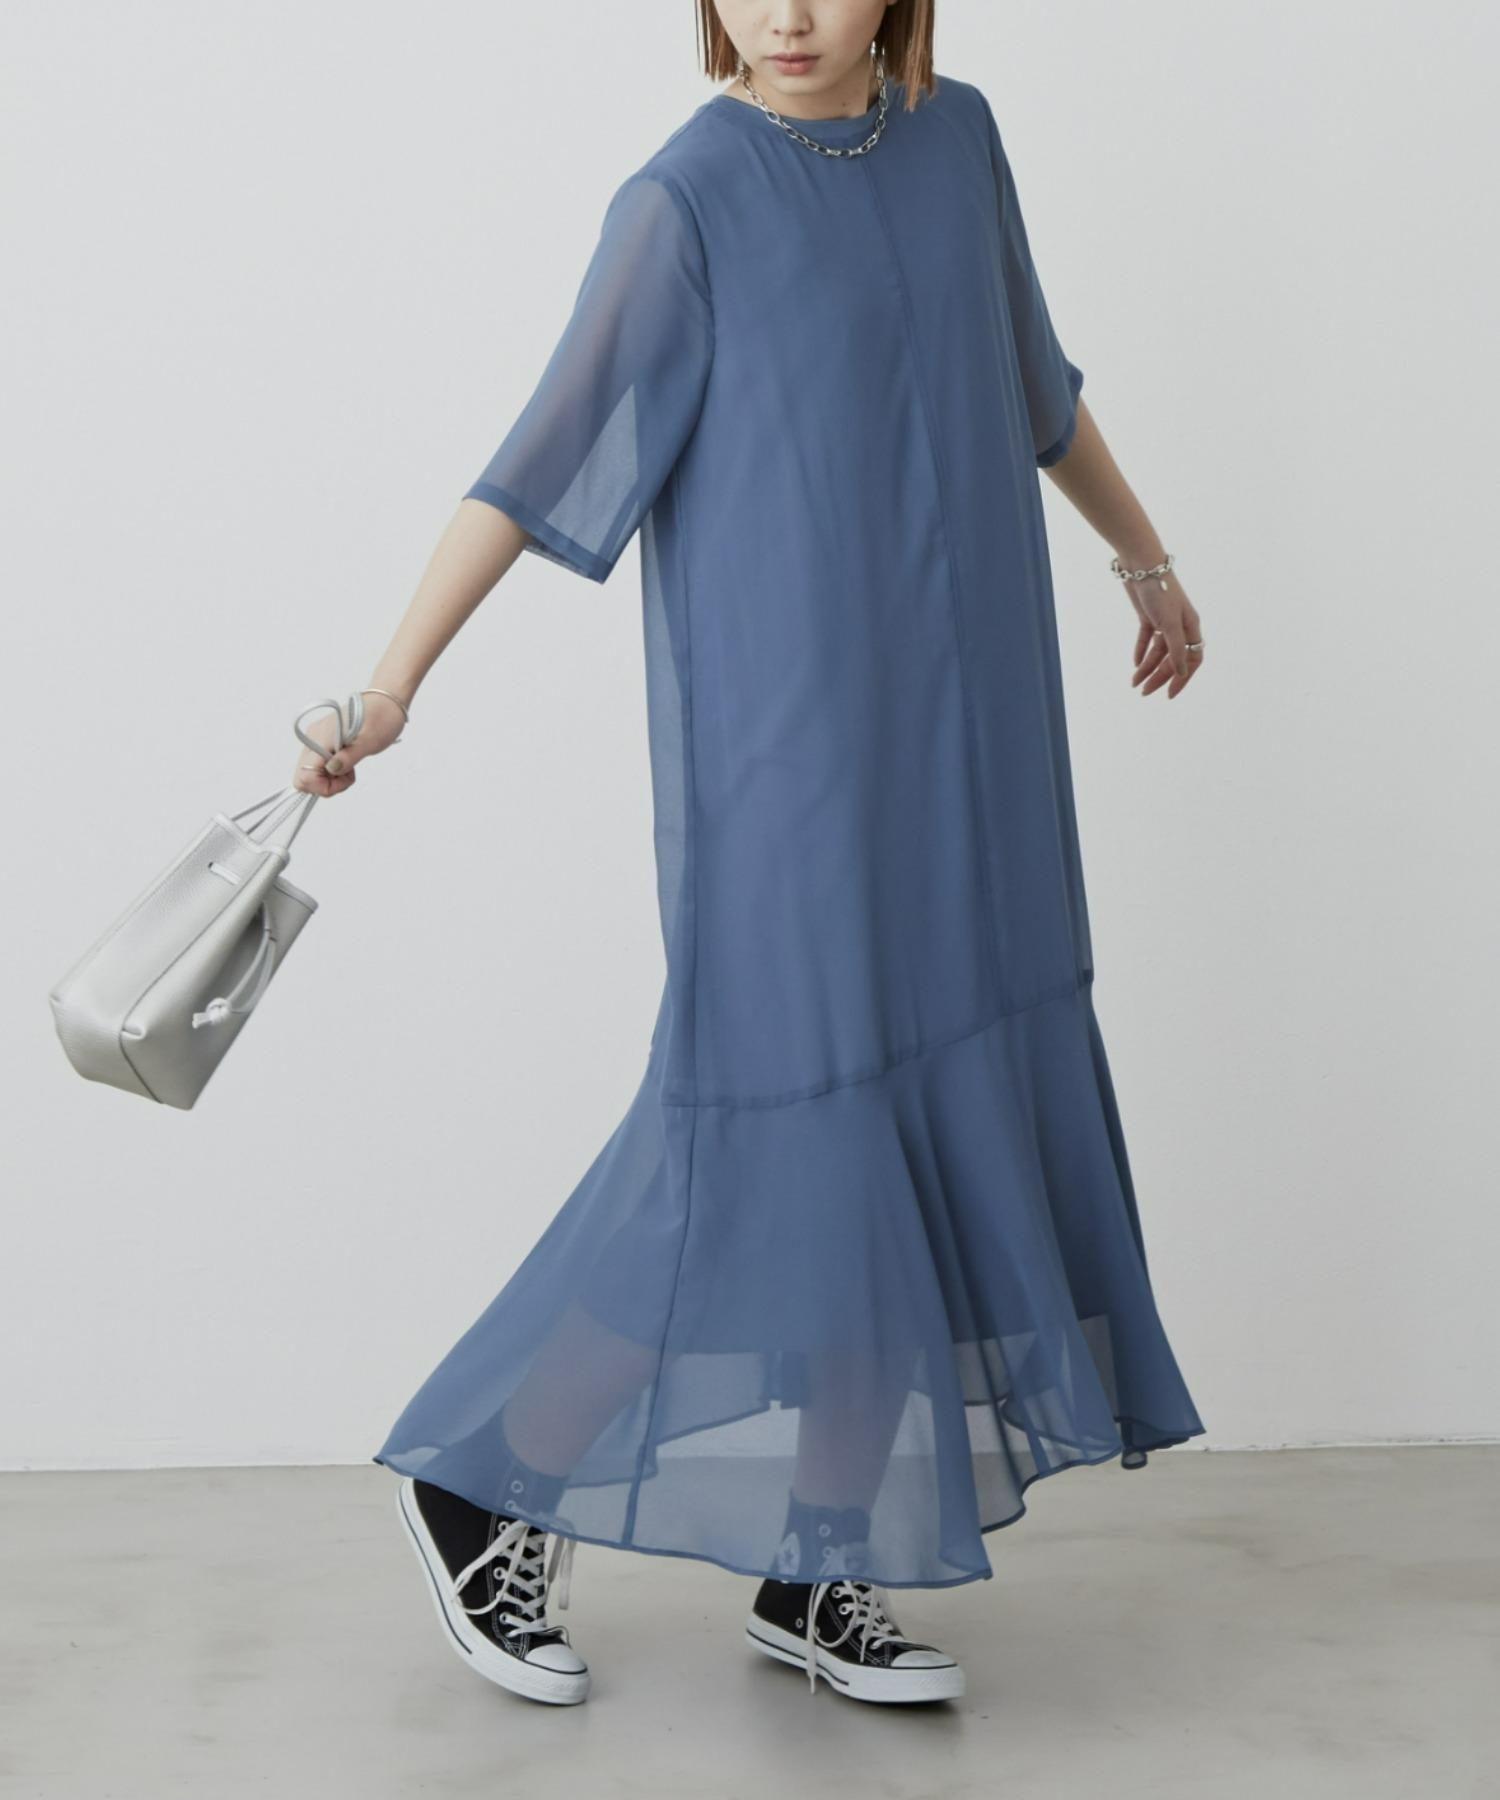 シアーフレアラインワンピース/BLU